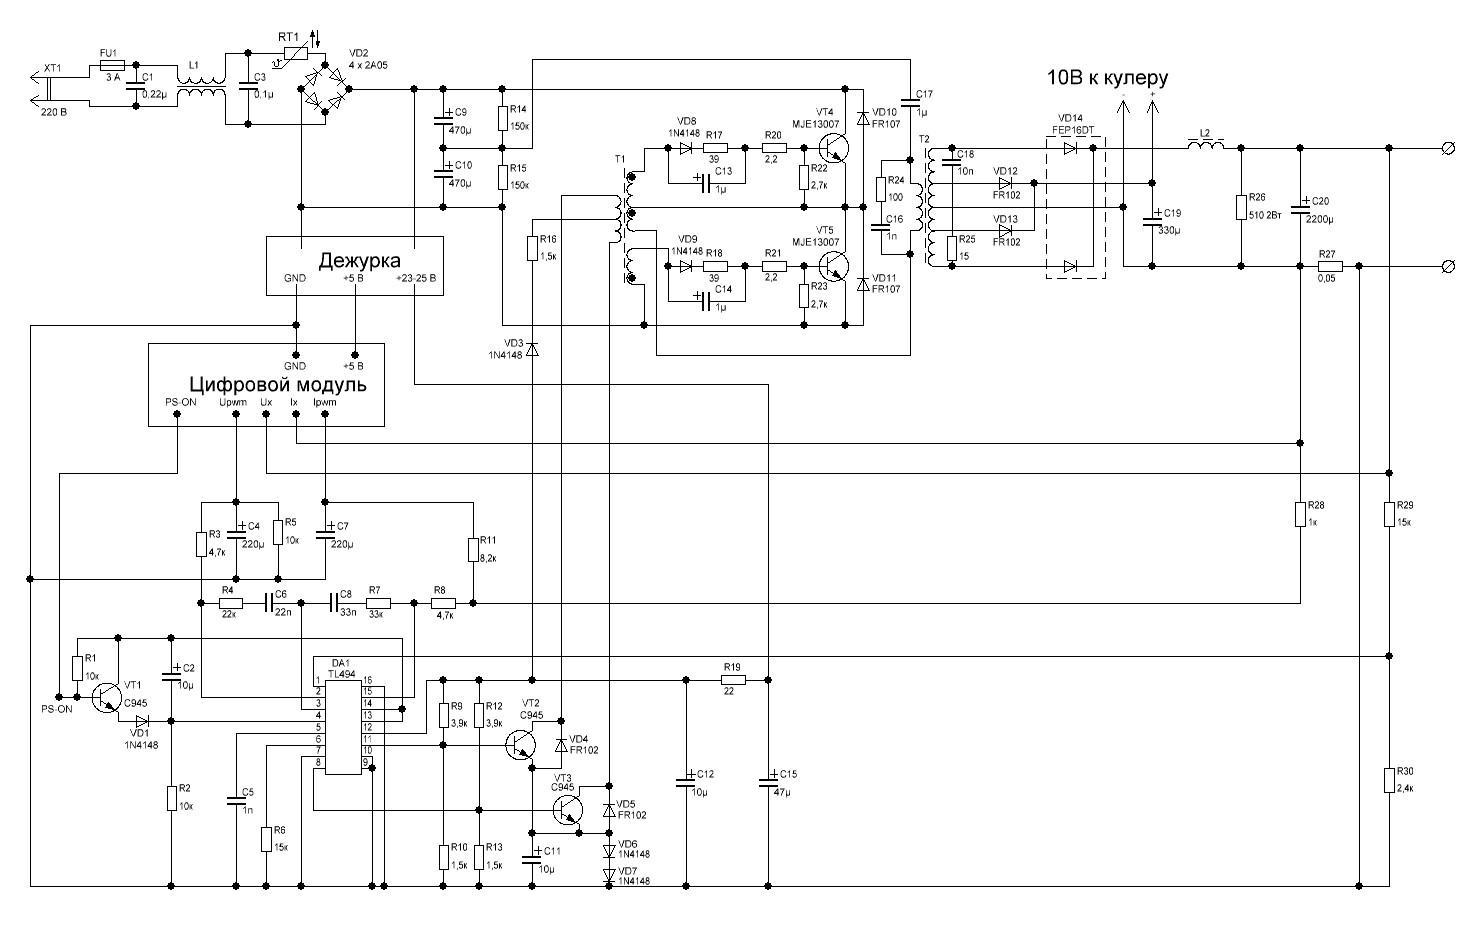 Бп atx-450pnr схема